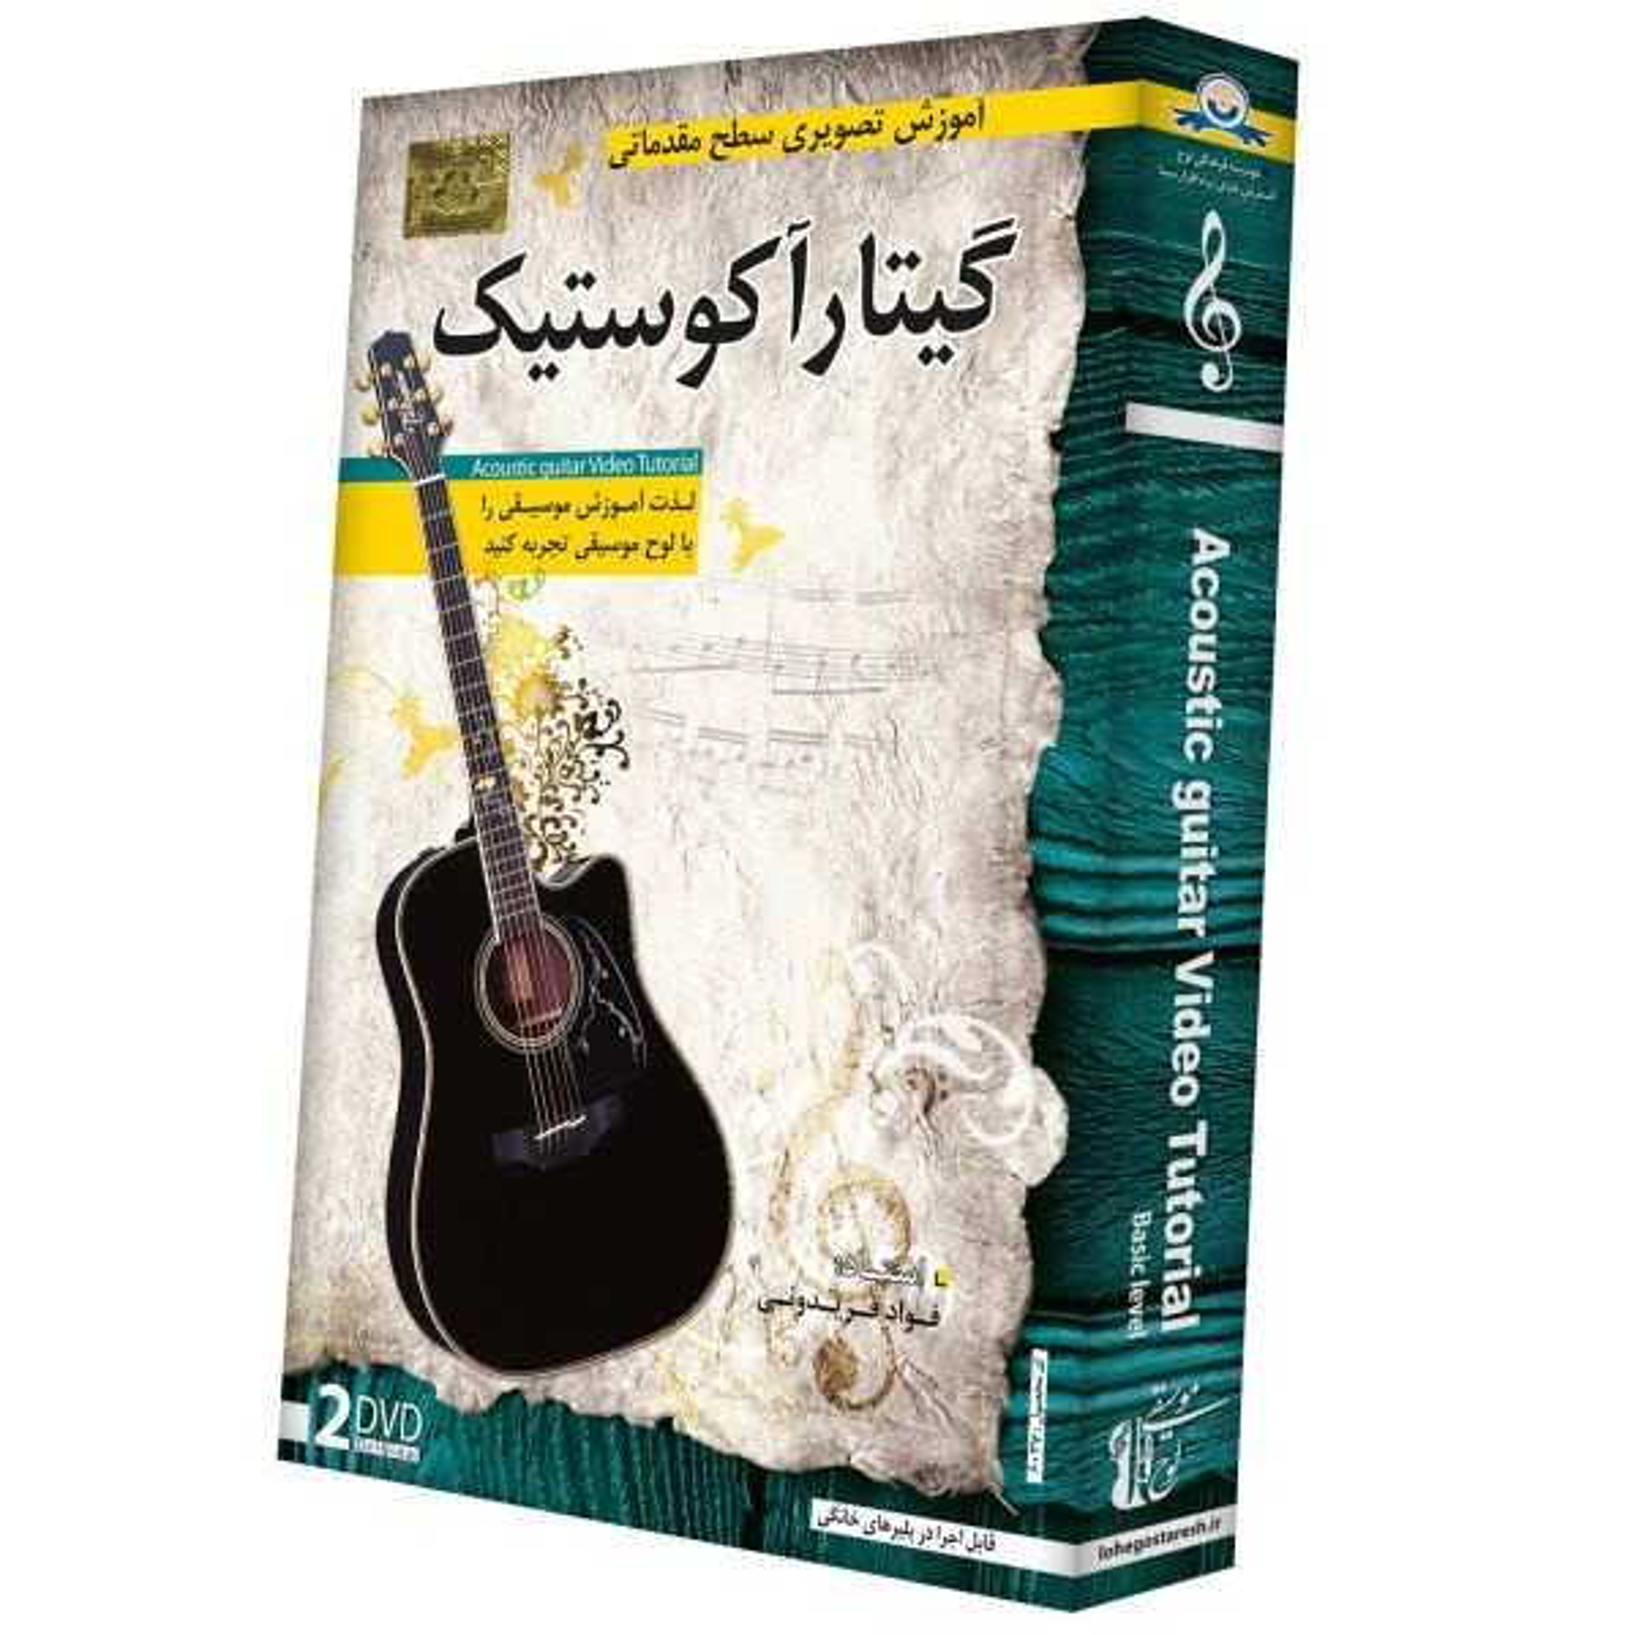 آموزش تصویری گیتار آکوستیک سطح مقدماتی نشر دنیای نرم افزار سینا